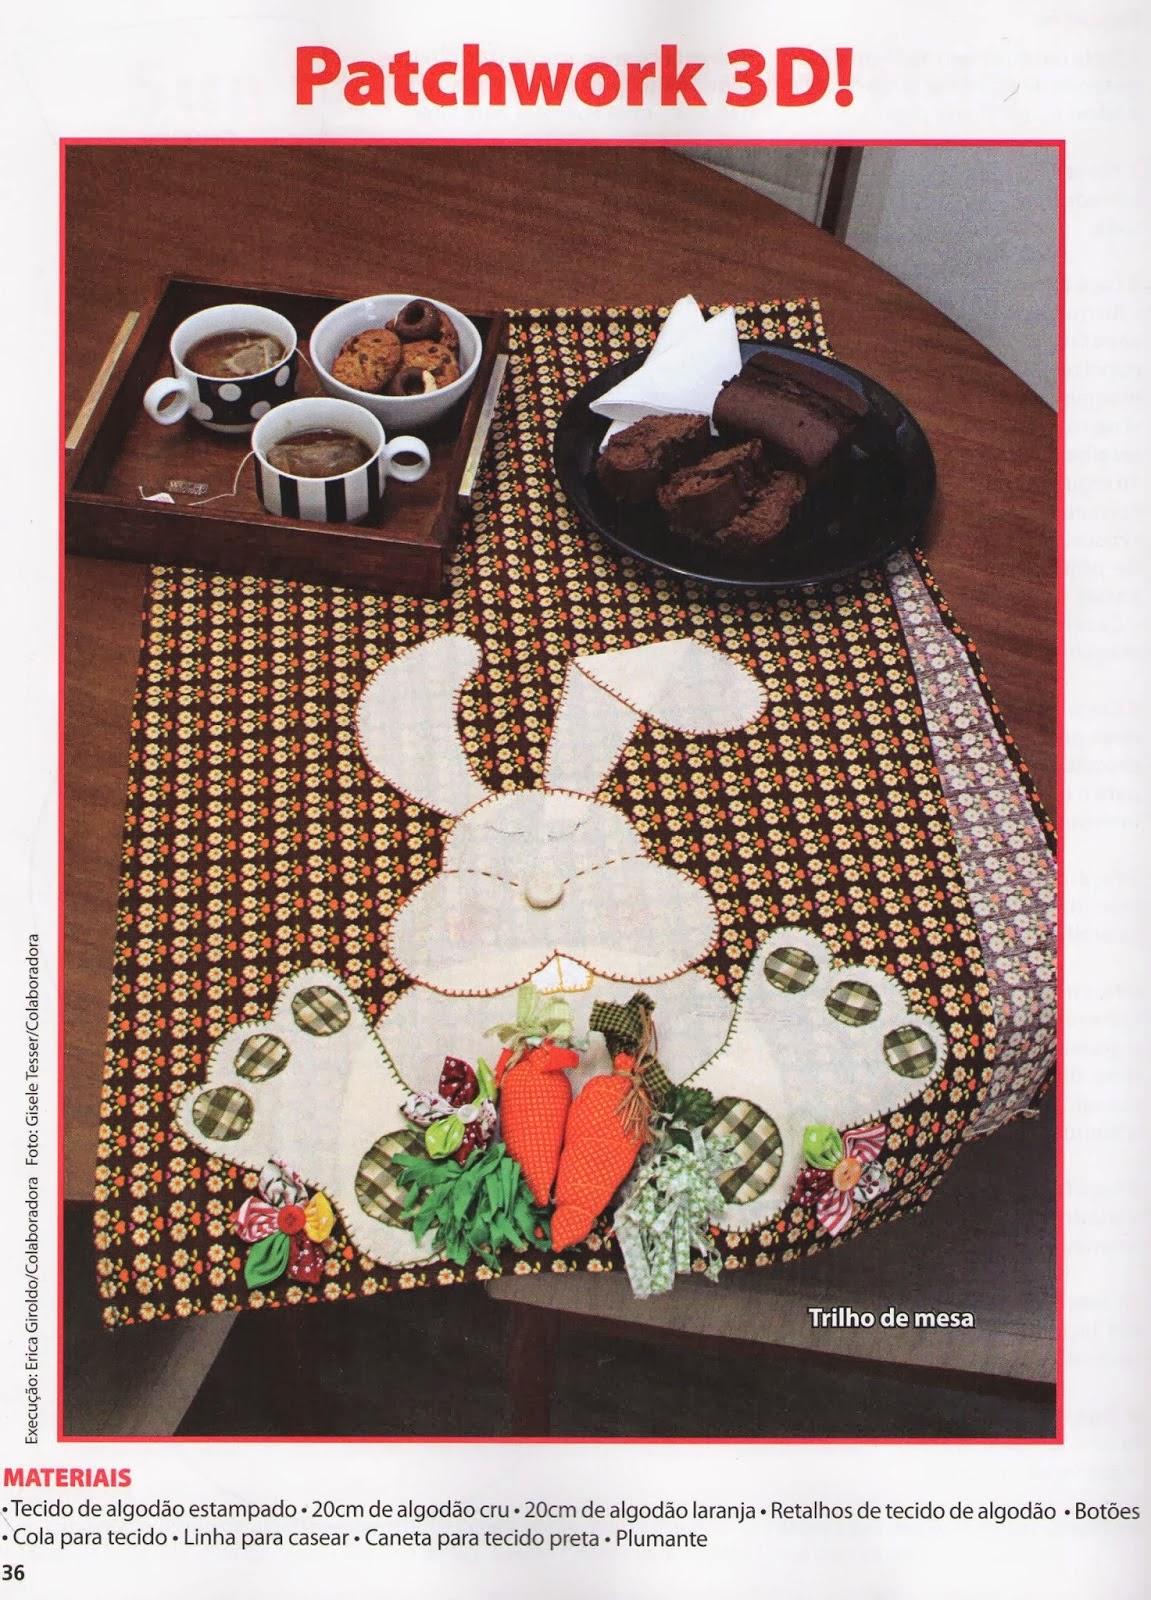 Caminho de mesa com patchwork para páscoa